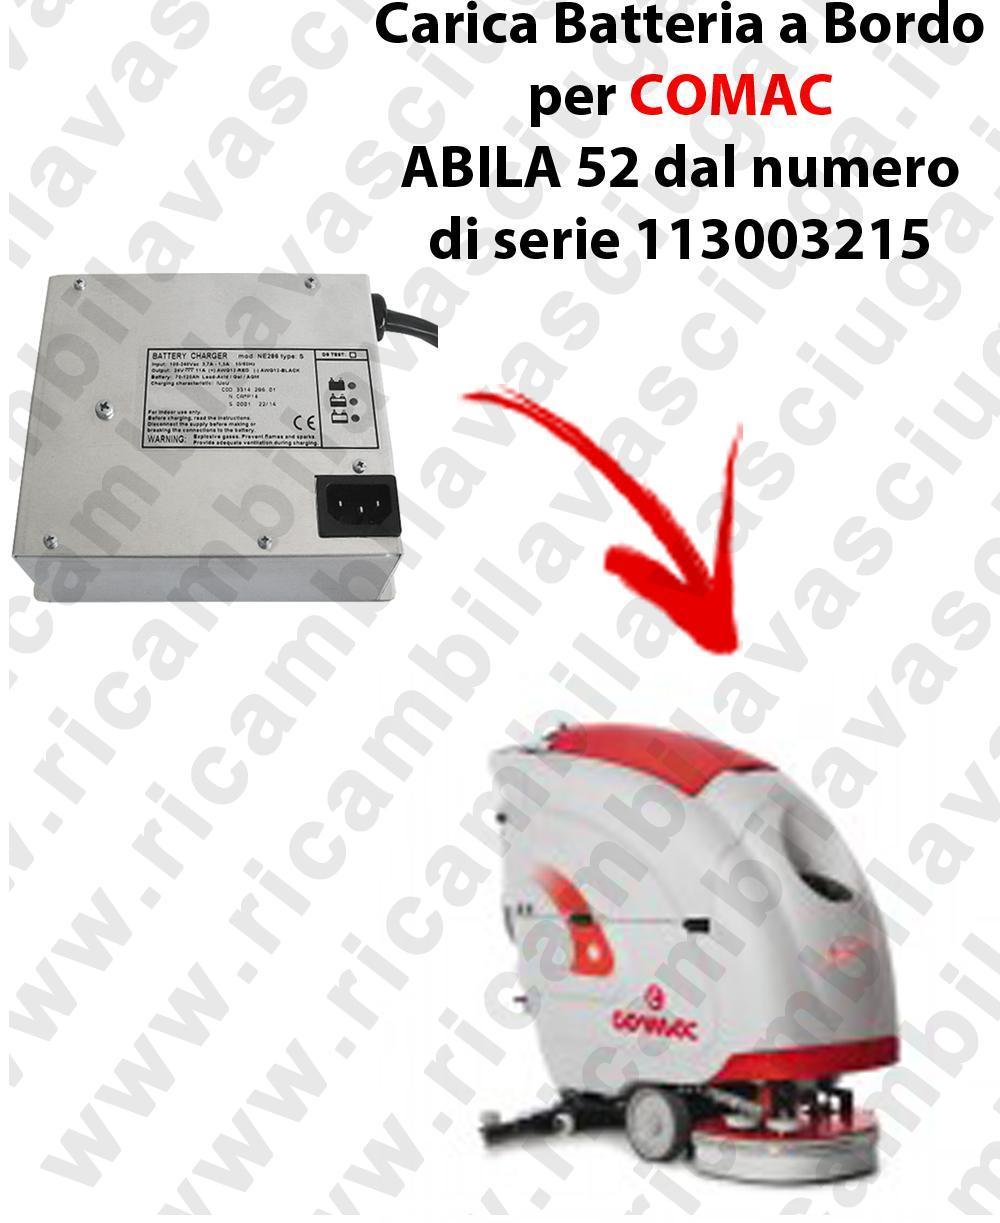 Charger les BATTERIES à bord pour autolaveuses COMAC ABILA 52 à partir du numéro de série 113003215-2-2-2